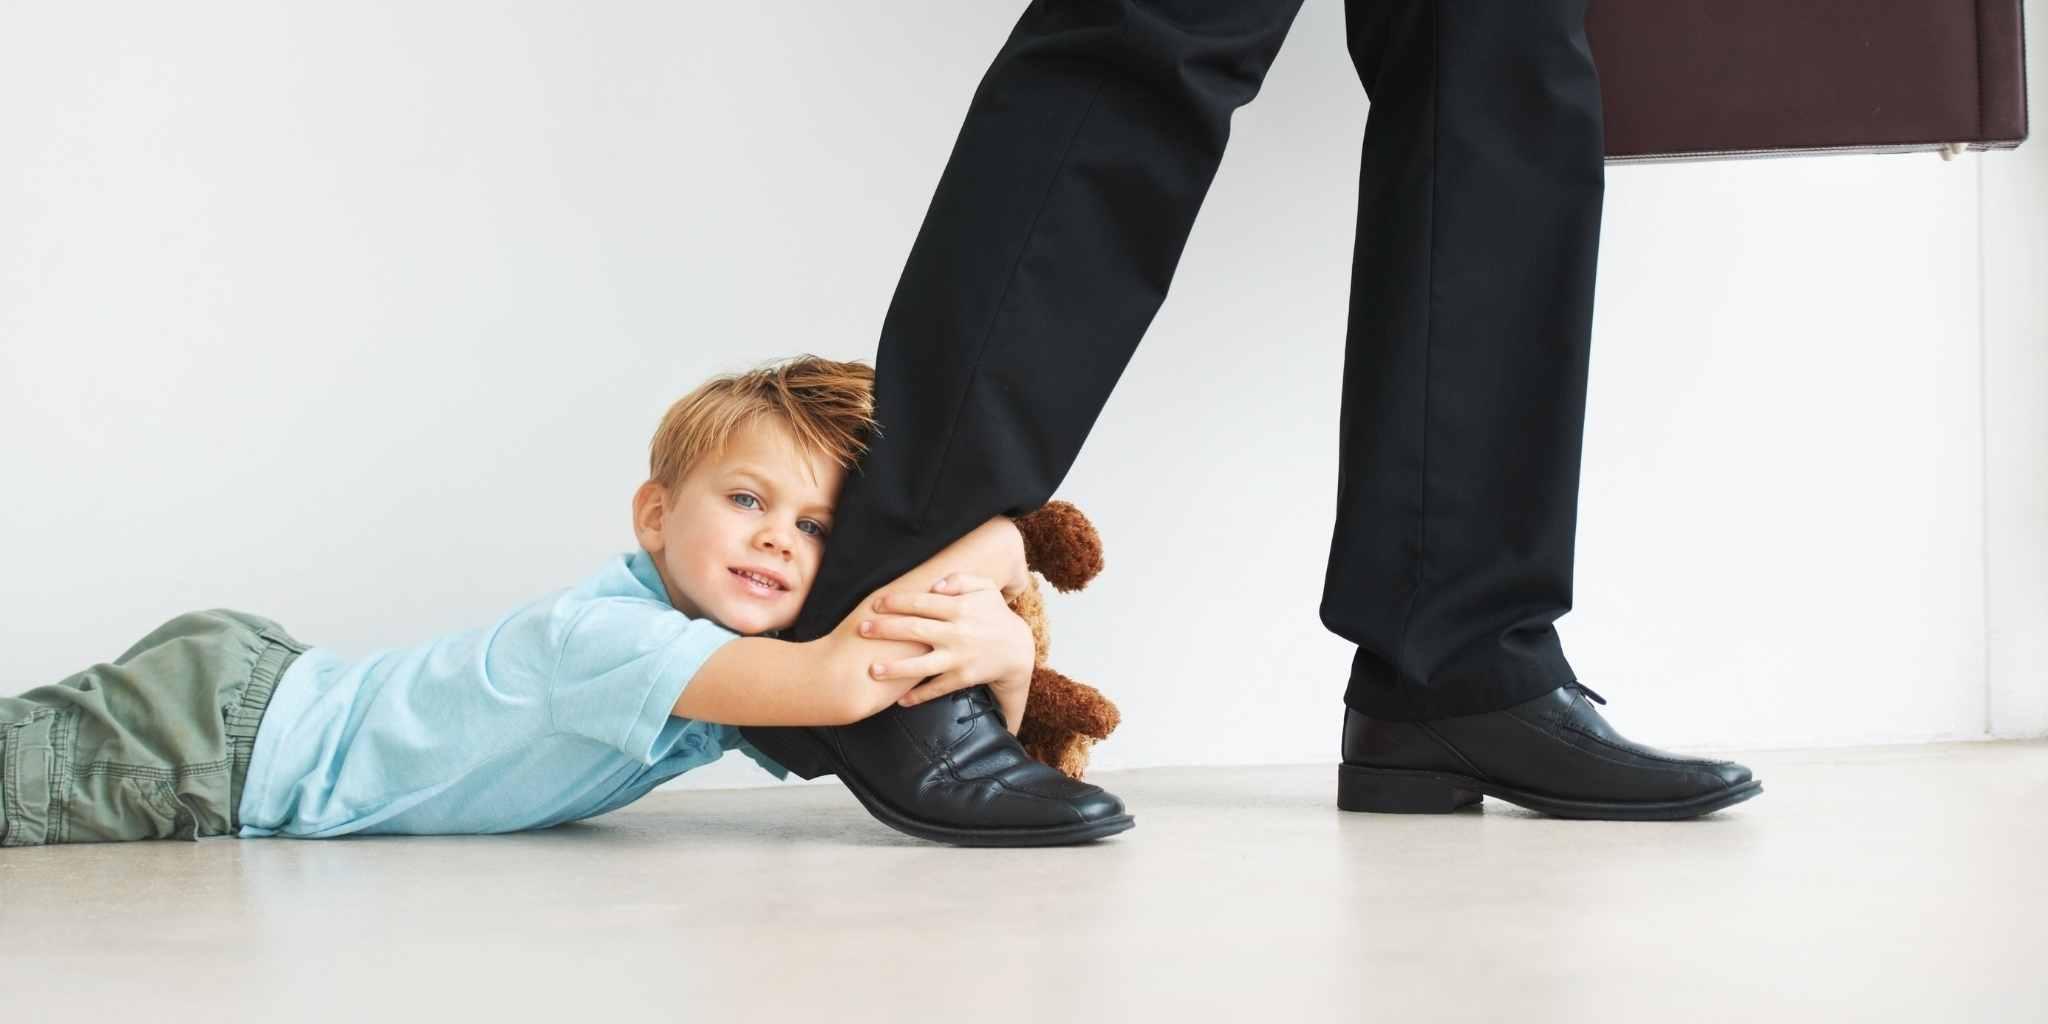 Ansiedad por separación en niños: cómo identificarla y consejos